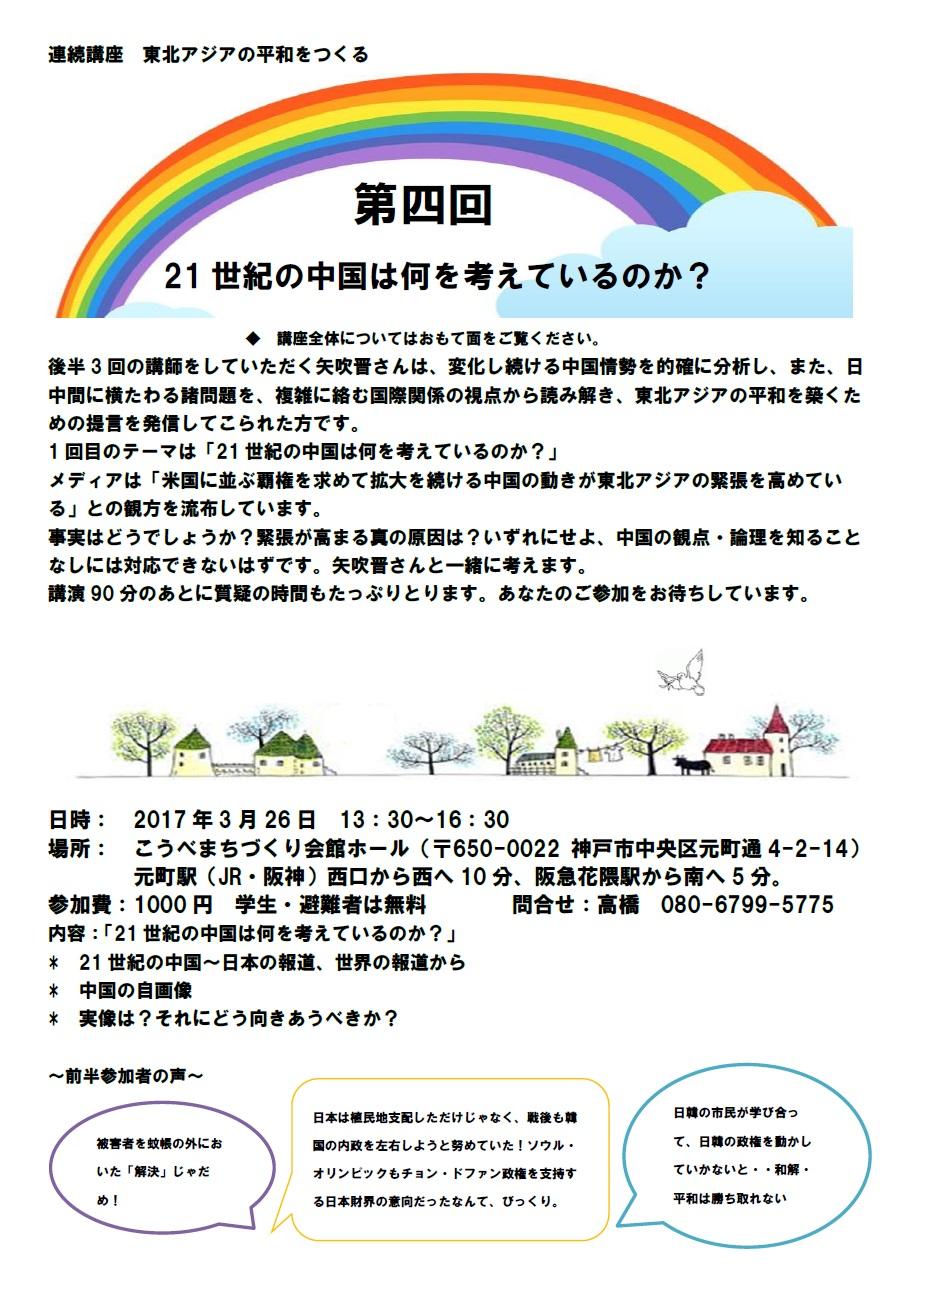 20170326_ピースiネット学習会